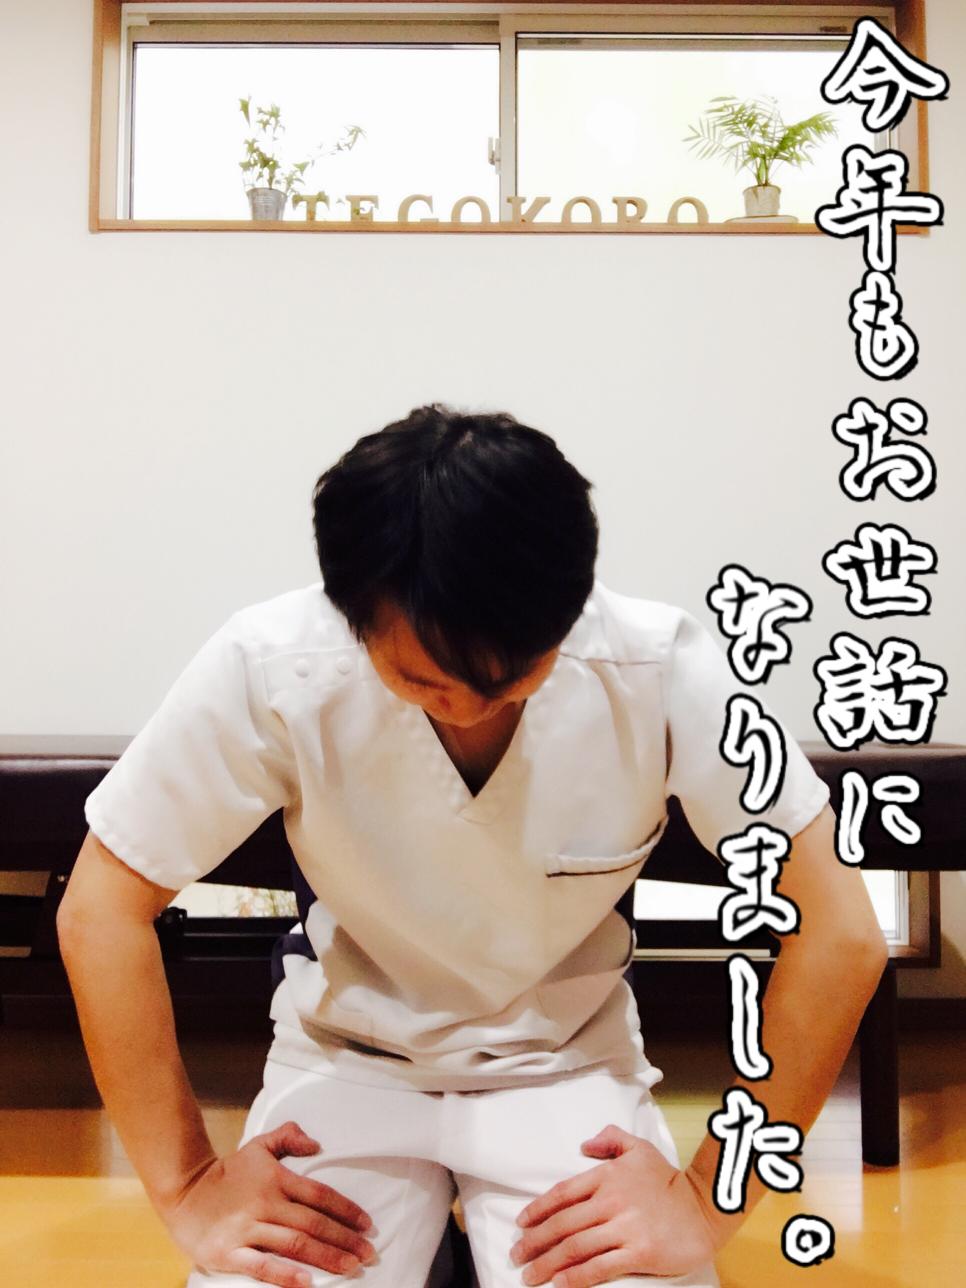 image1 (26)